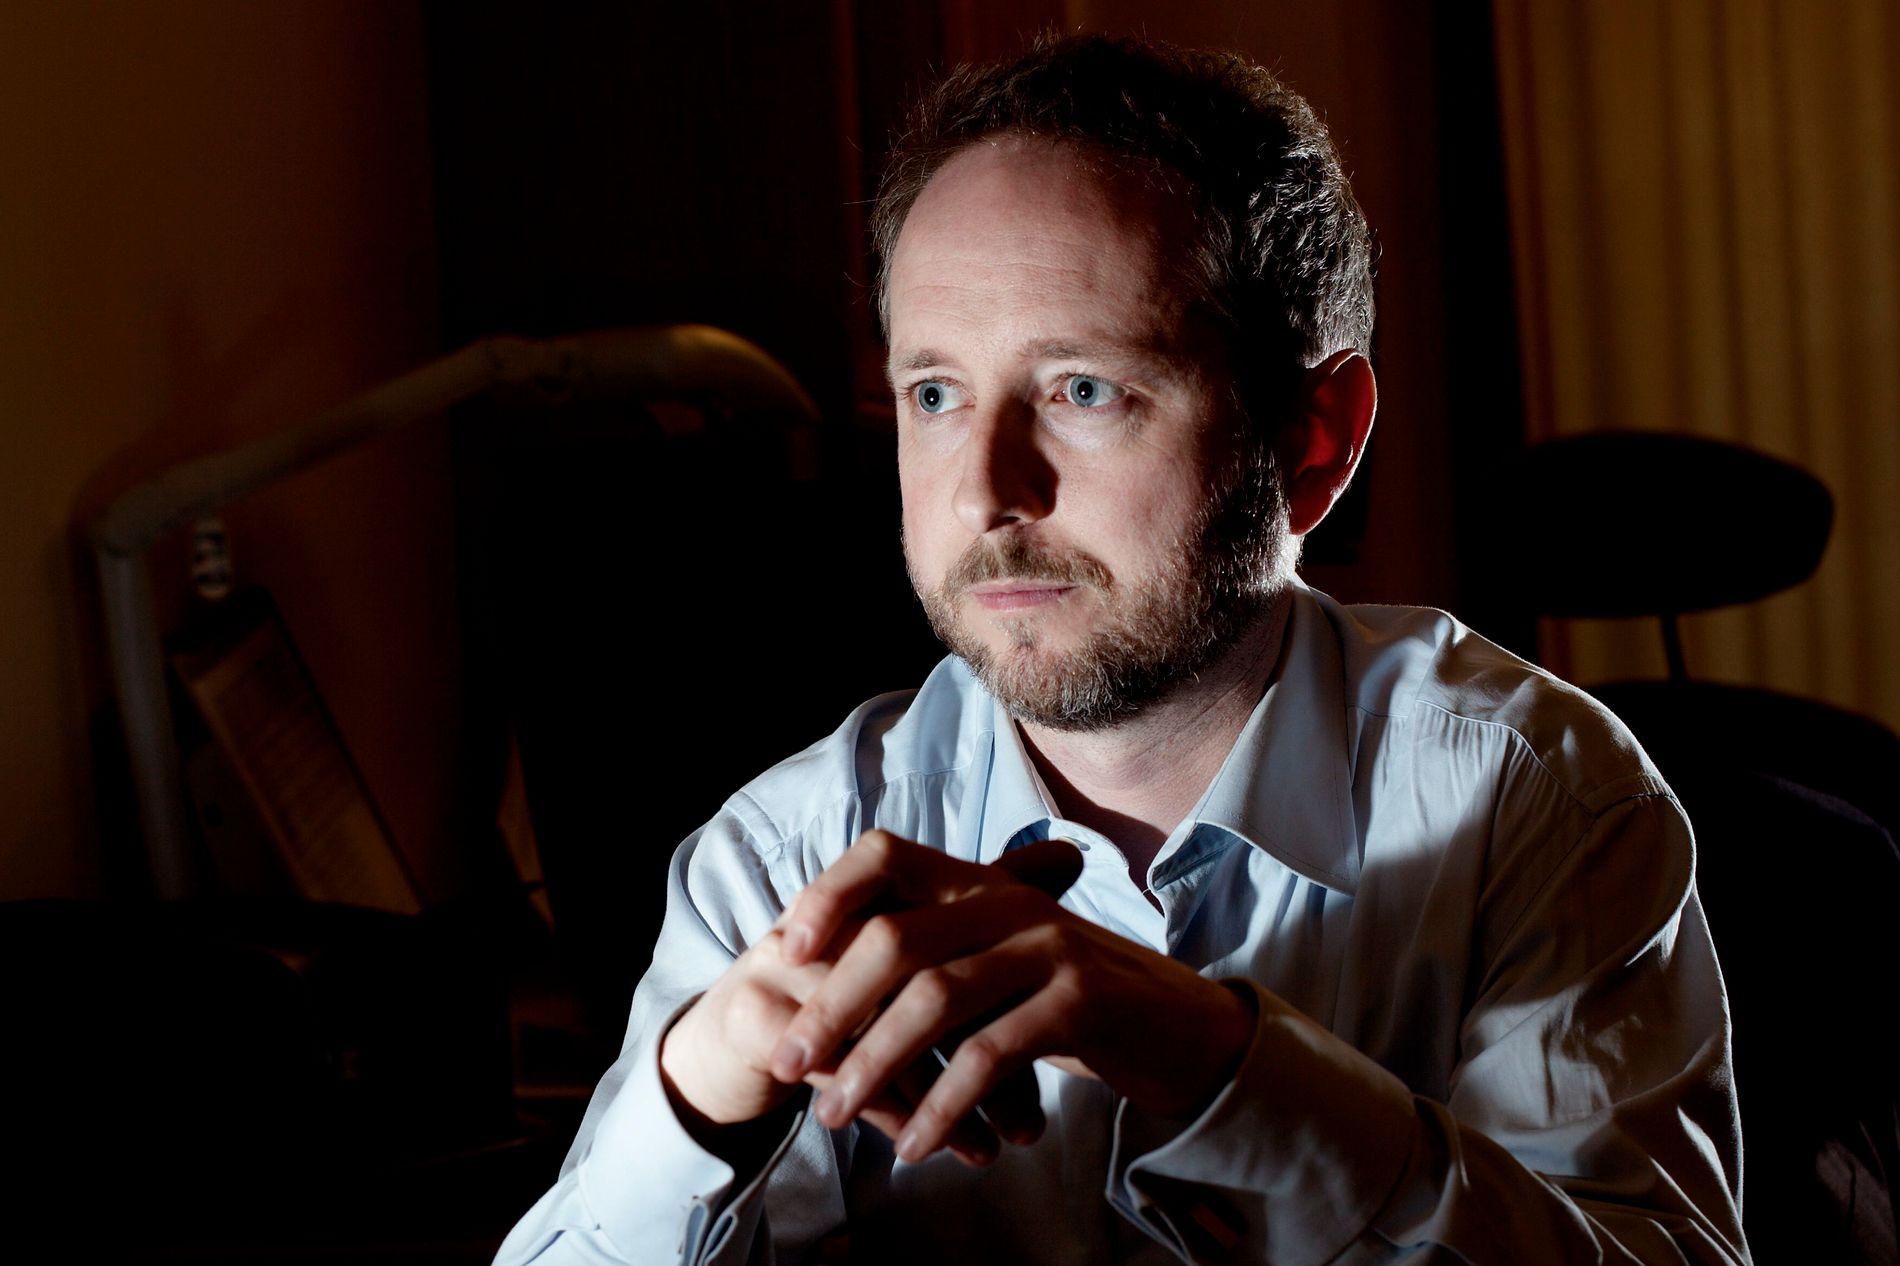 SKEPTISK: Utenrikspolitisk talsmann Bård Vegar Solhjell i SV mener det norske Syria-oppdraget er for uklart og svakt begrunnet til at han vil støtte det.